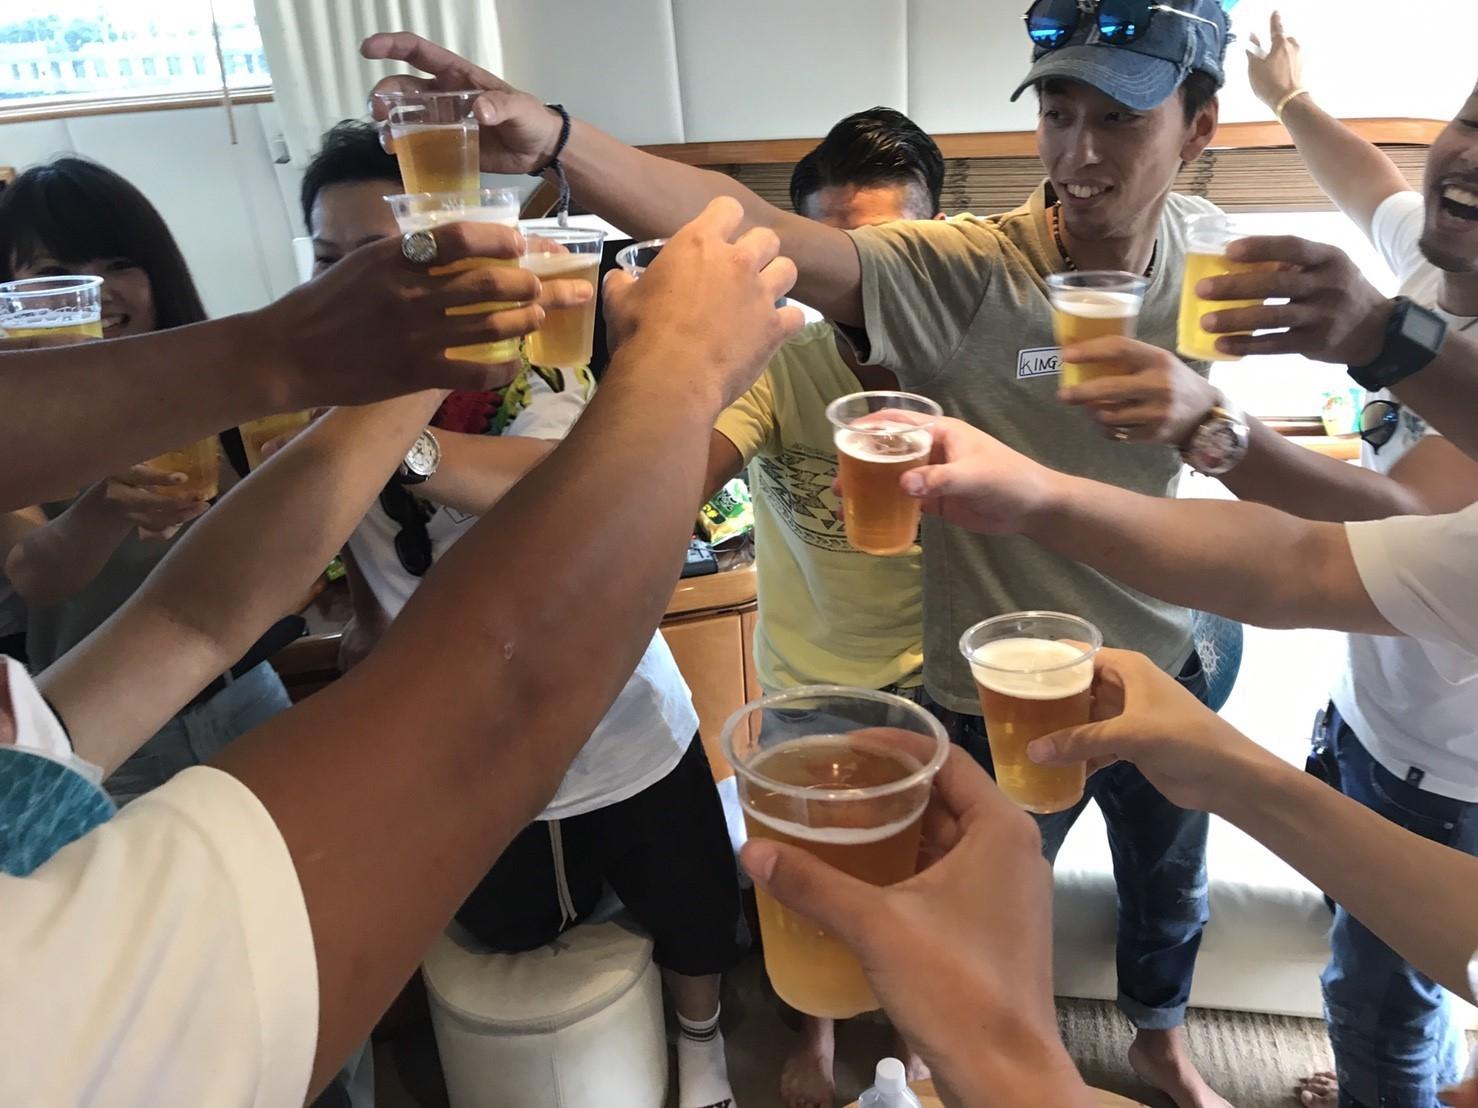 ビール片手に乾杯